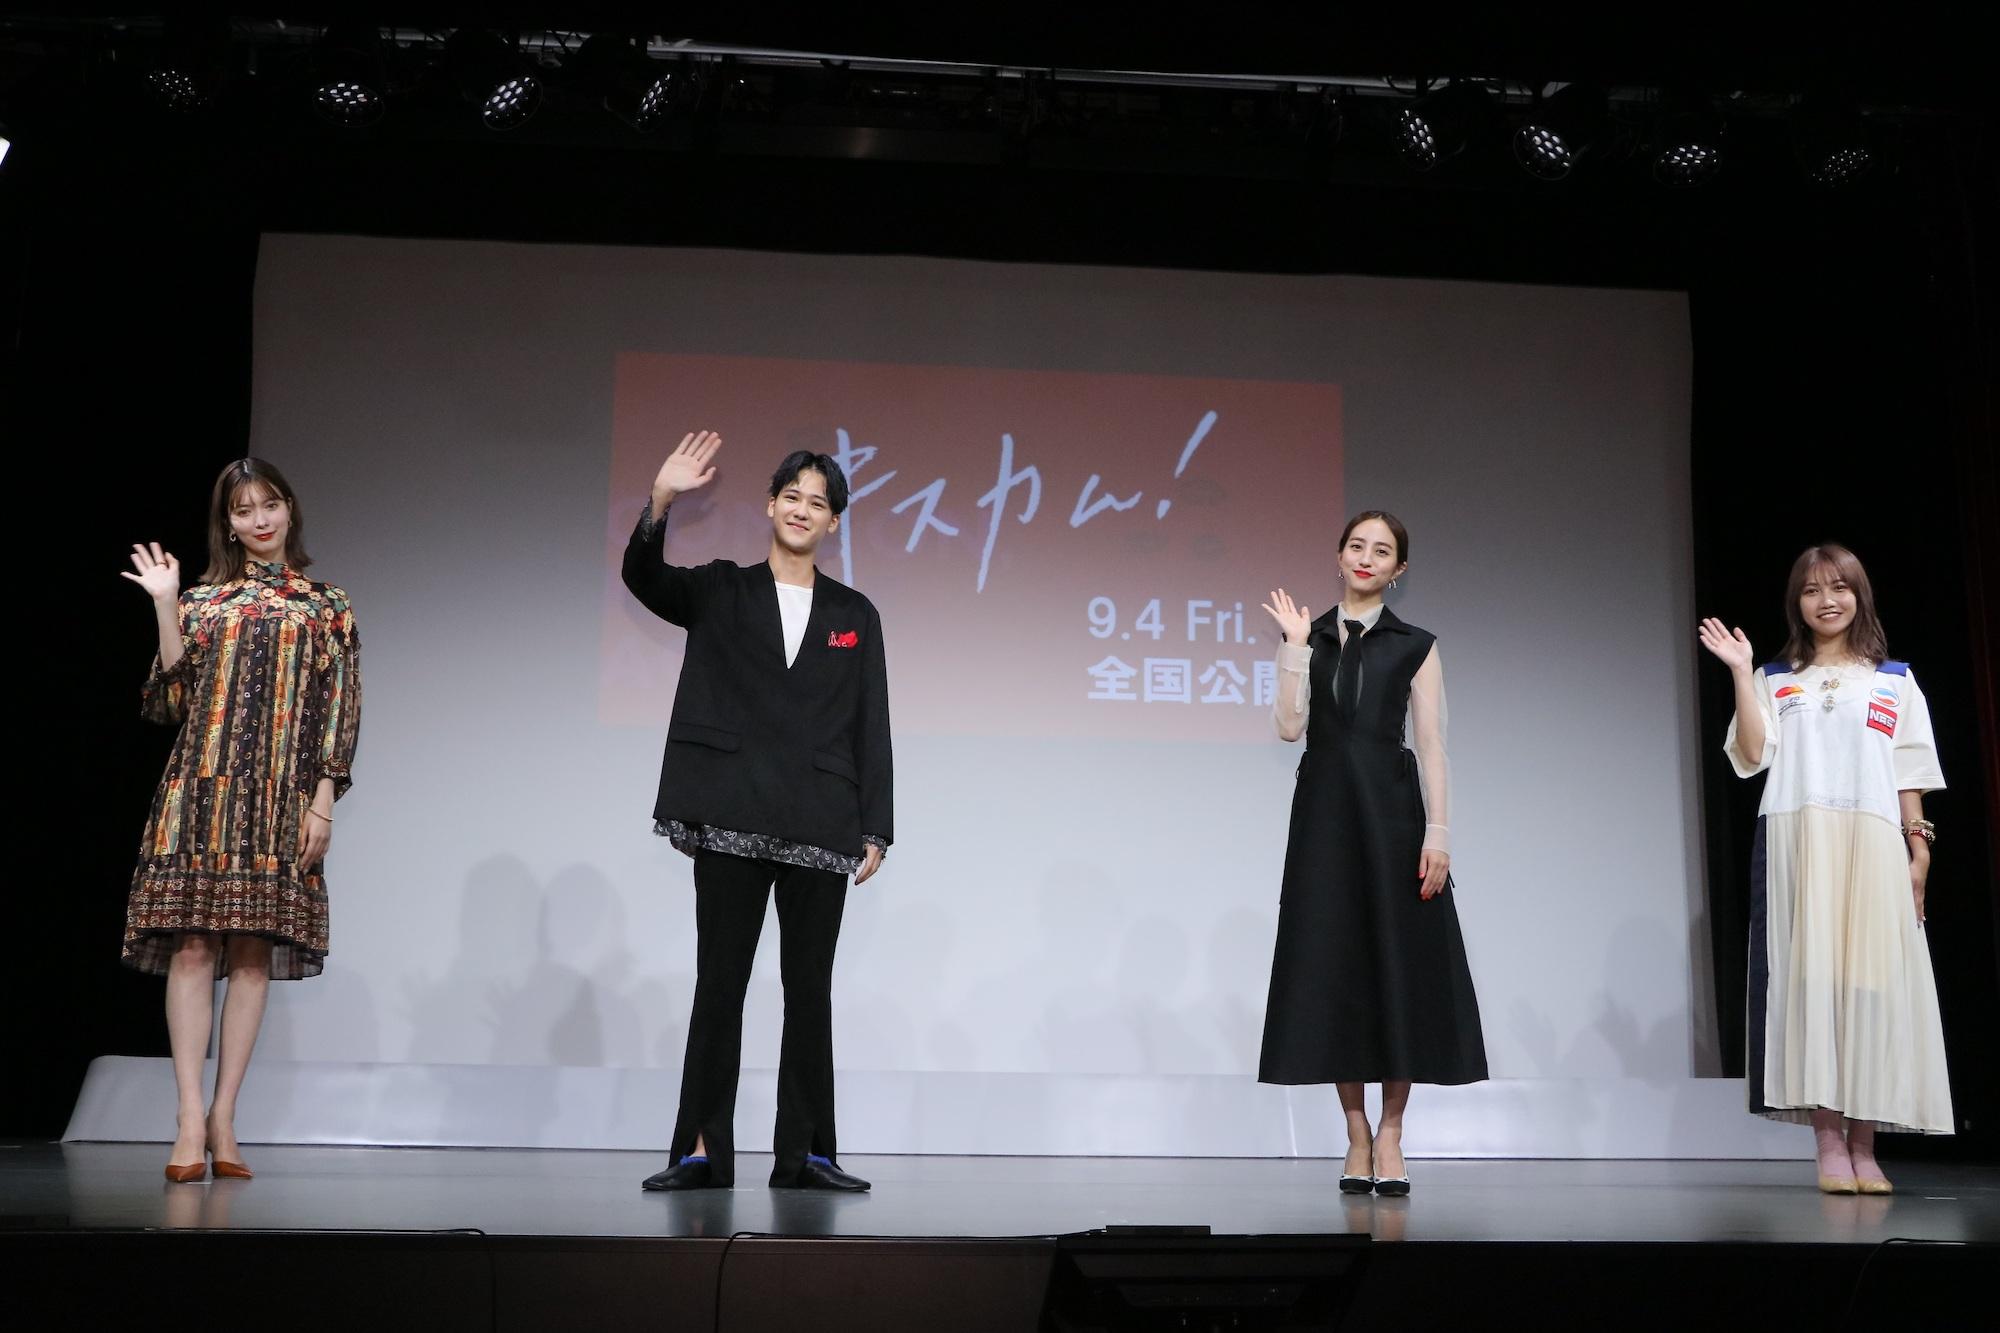 映画『キスカム!~COME ON,KISS ME AGAIN!~』公開決定イベントにて。葉山奨之、堀田茜、八木アリサ、井上苑子